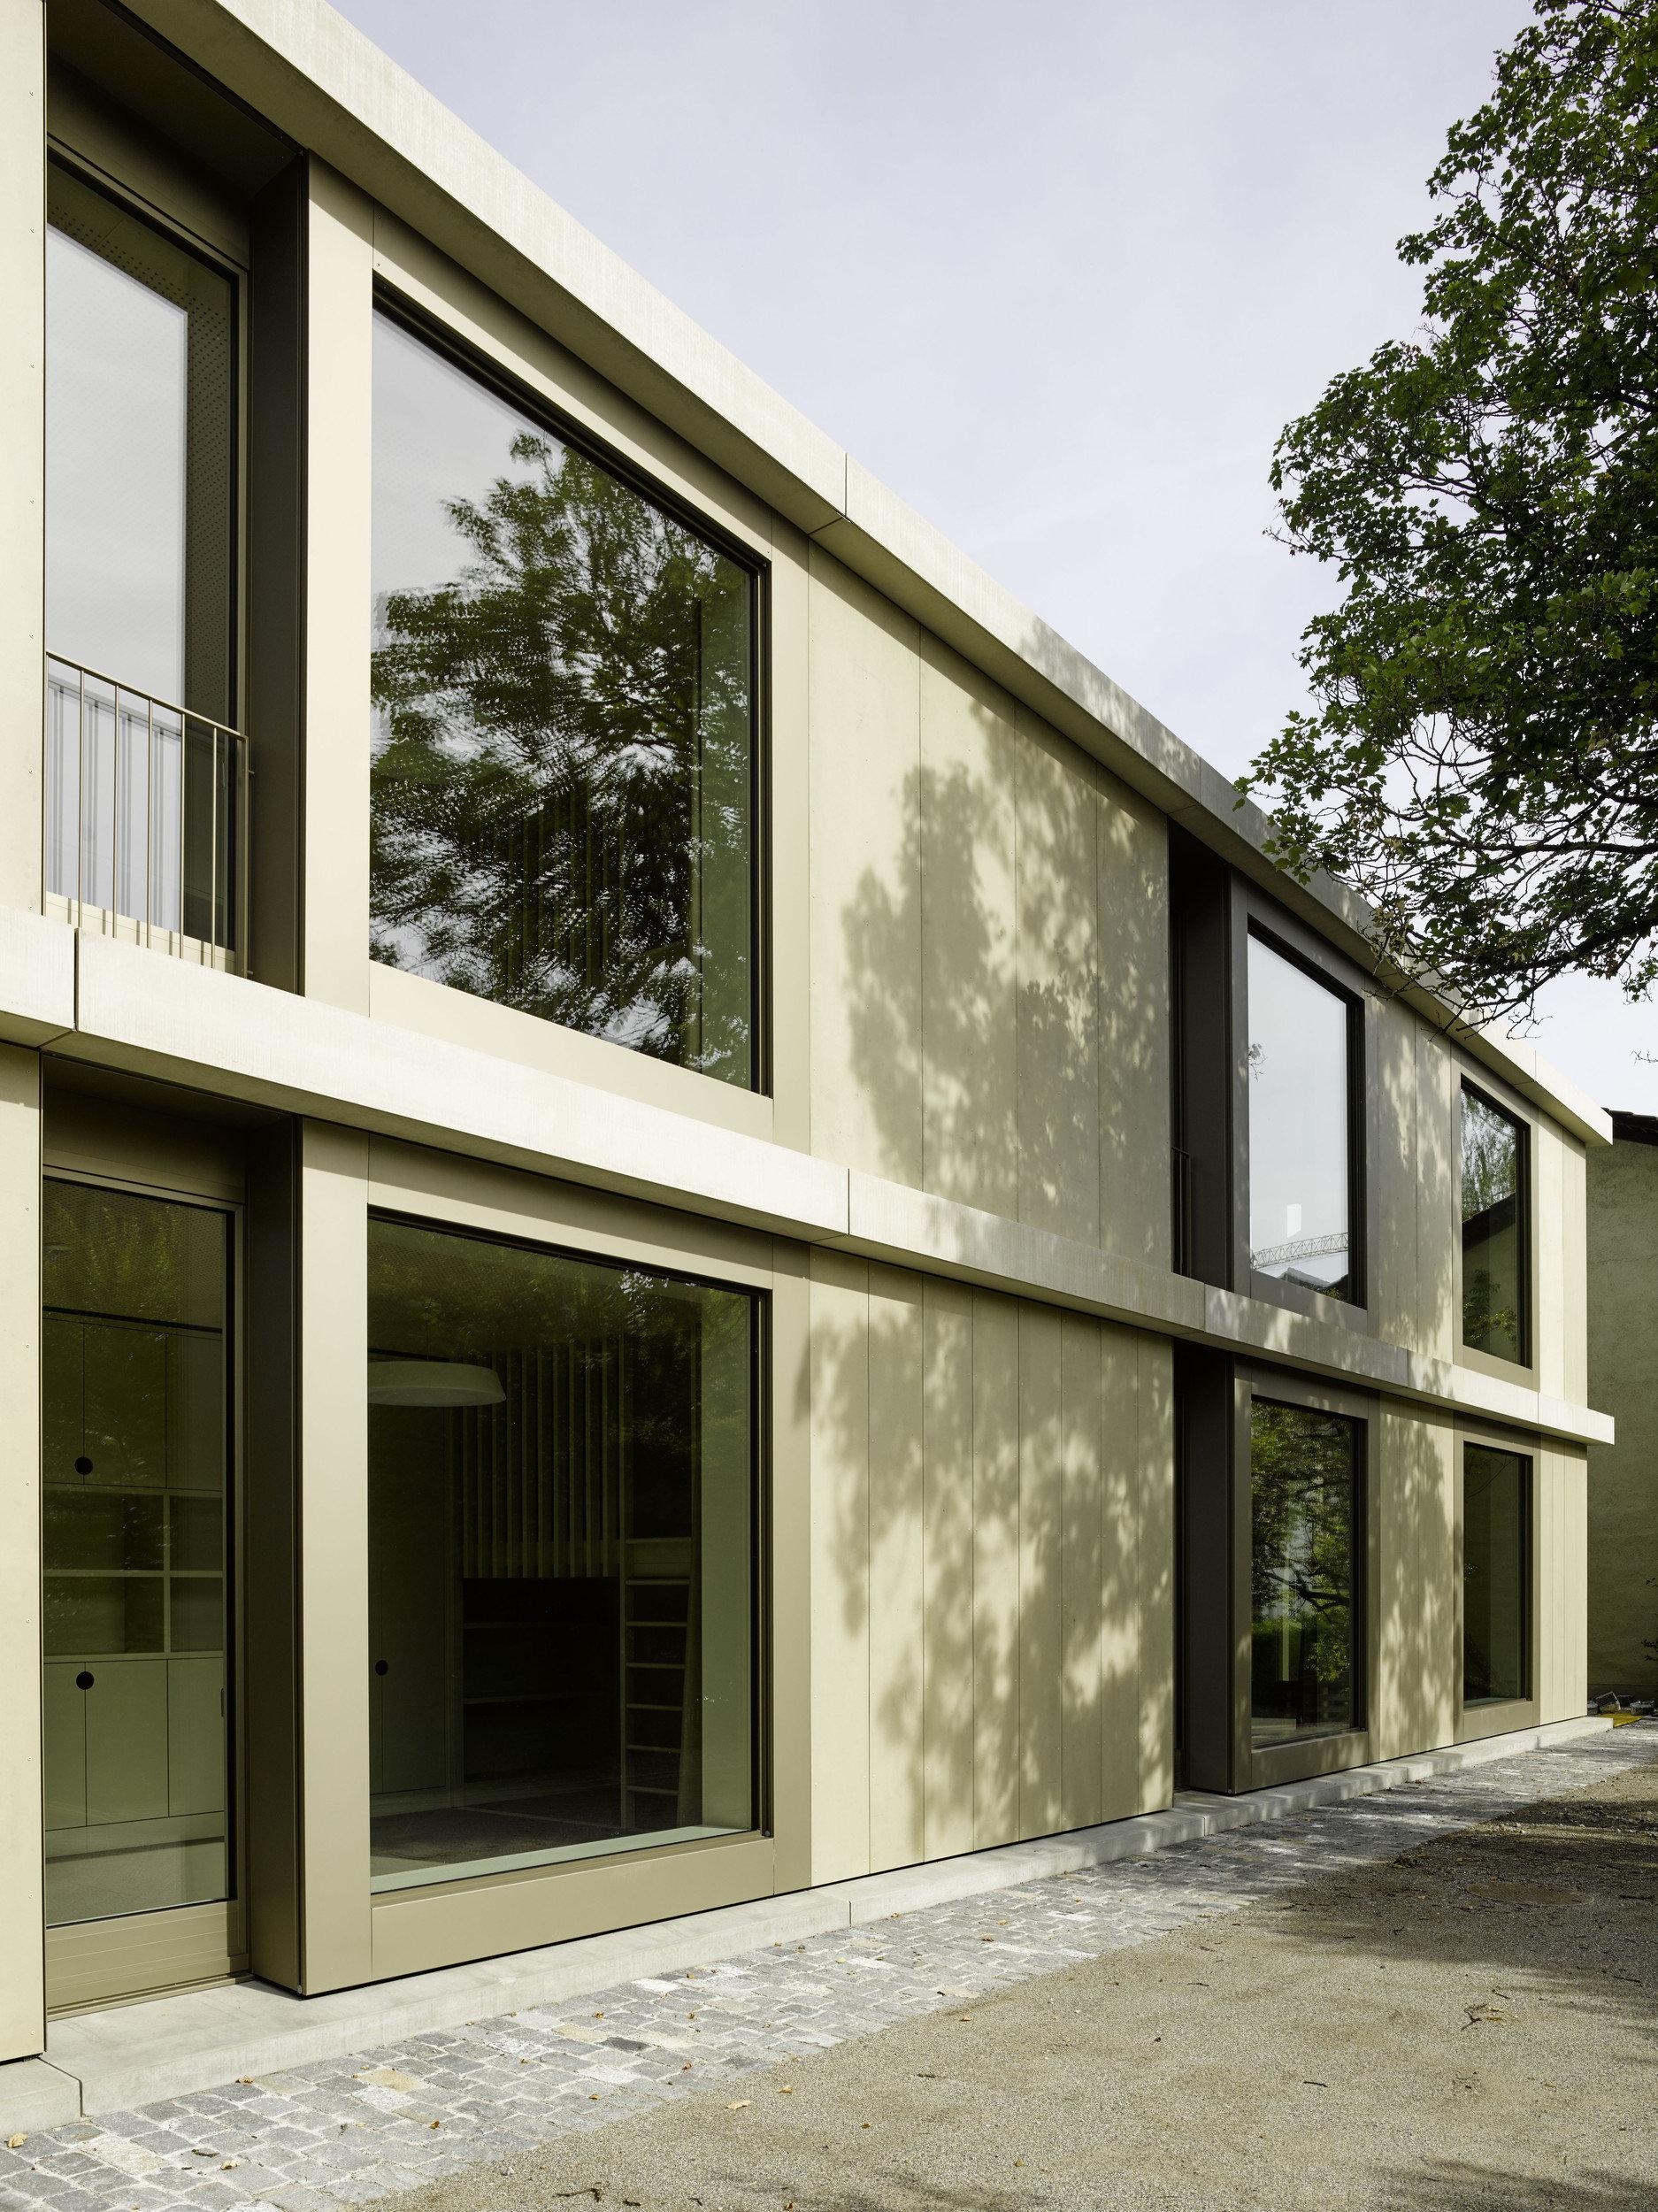 2-geschossiges Schulgebäude gleichmässiger Fensterfassadenanordnung